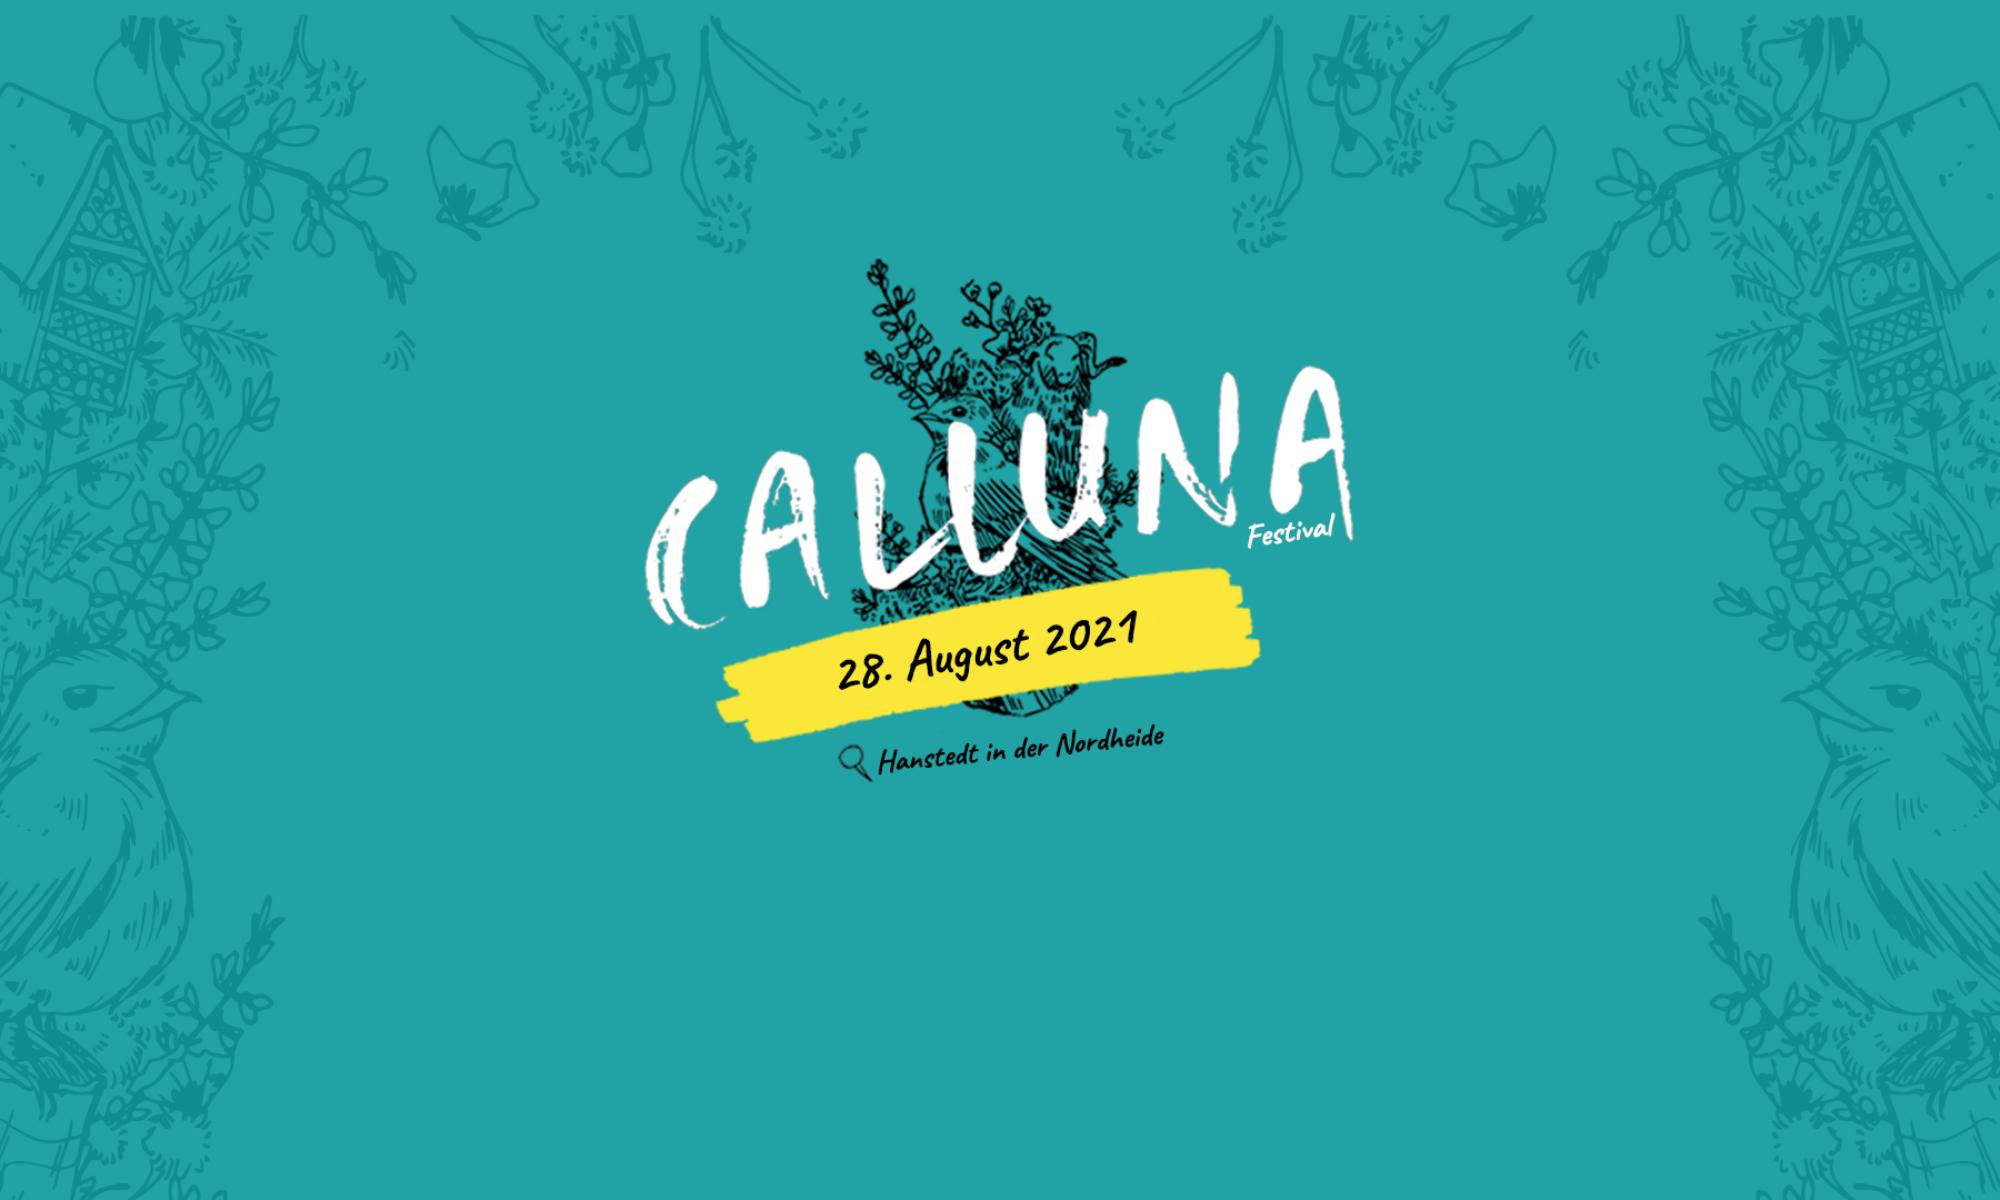 Calluna Festival